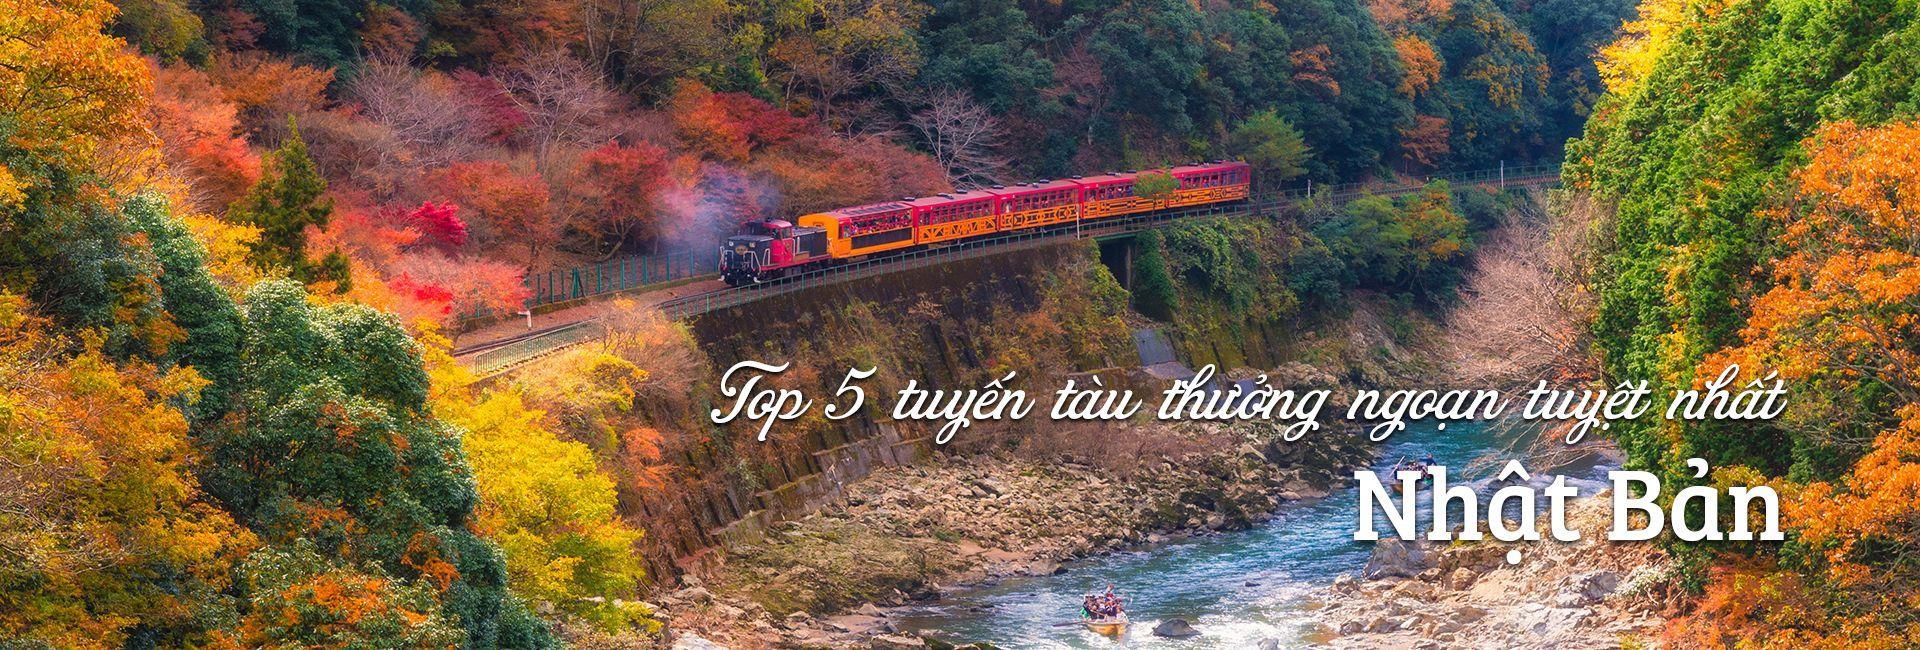 Top 5 tuyến tàu thưởng ngoạn tuyệt nhất Nhật Bản